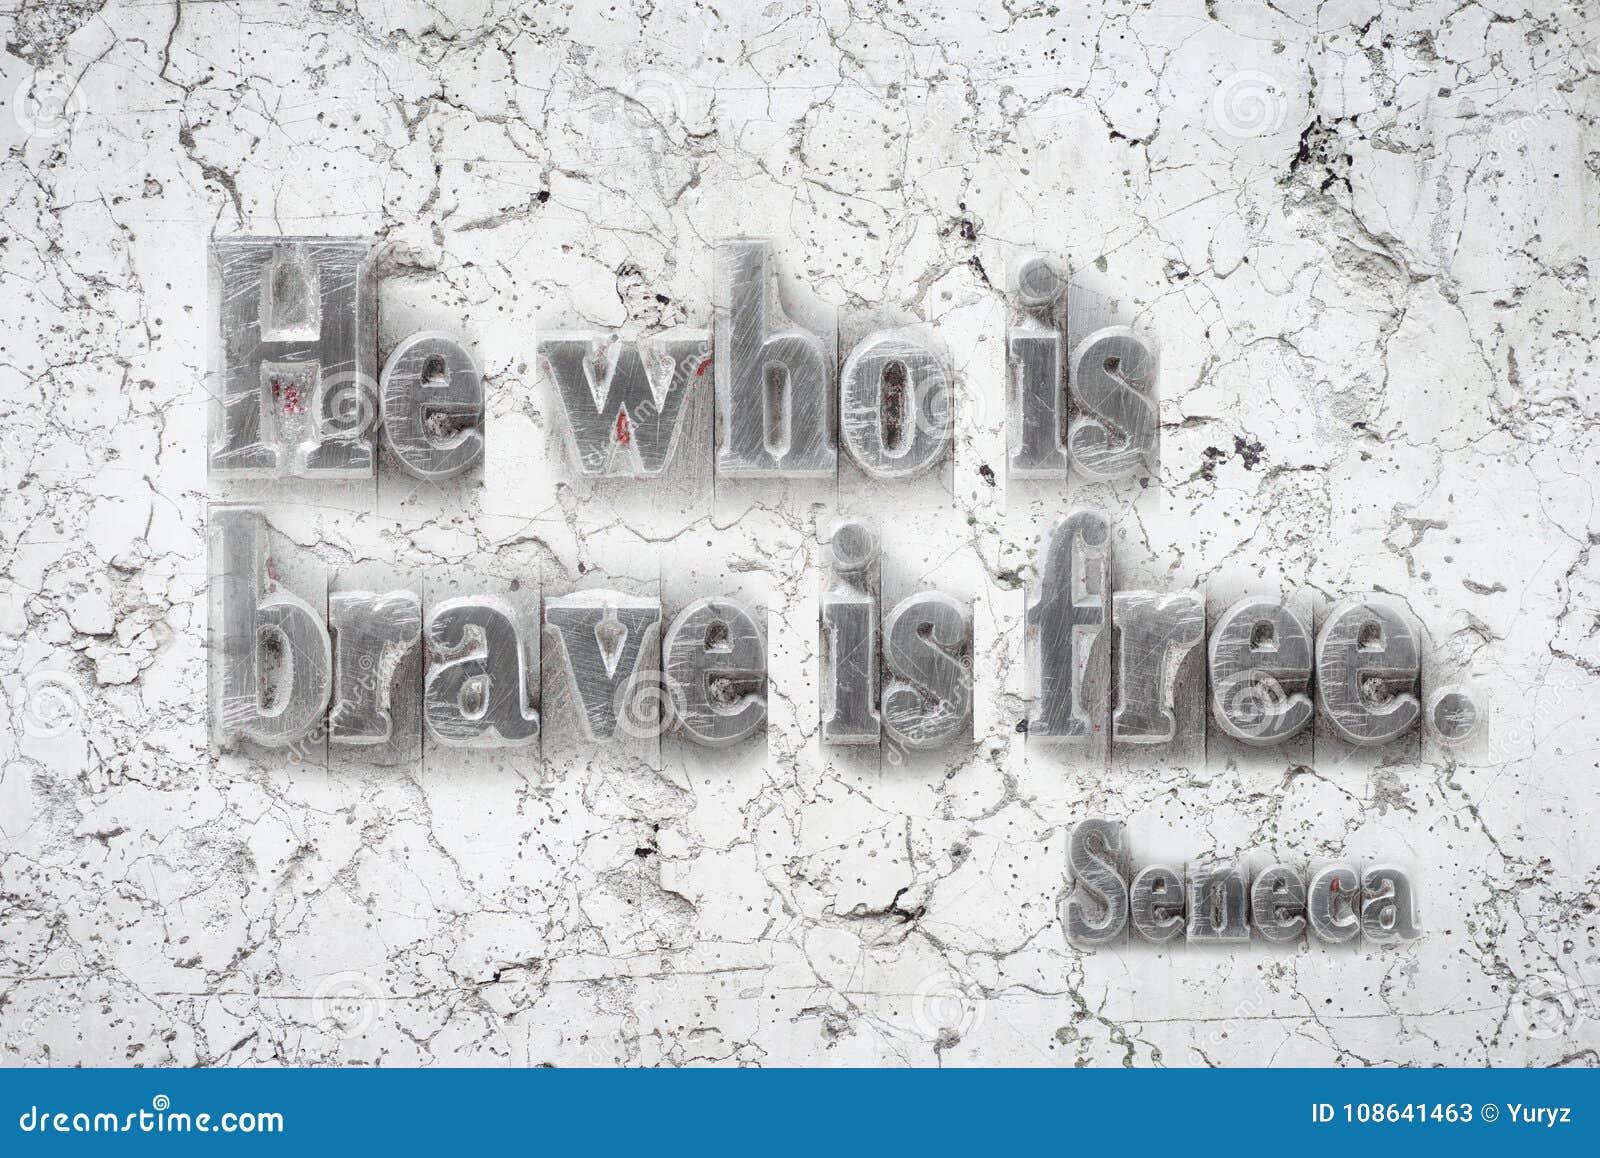 Vem är modig Seneca